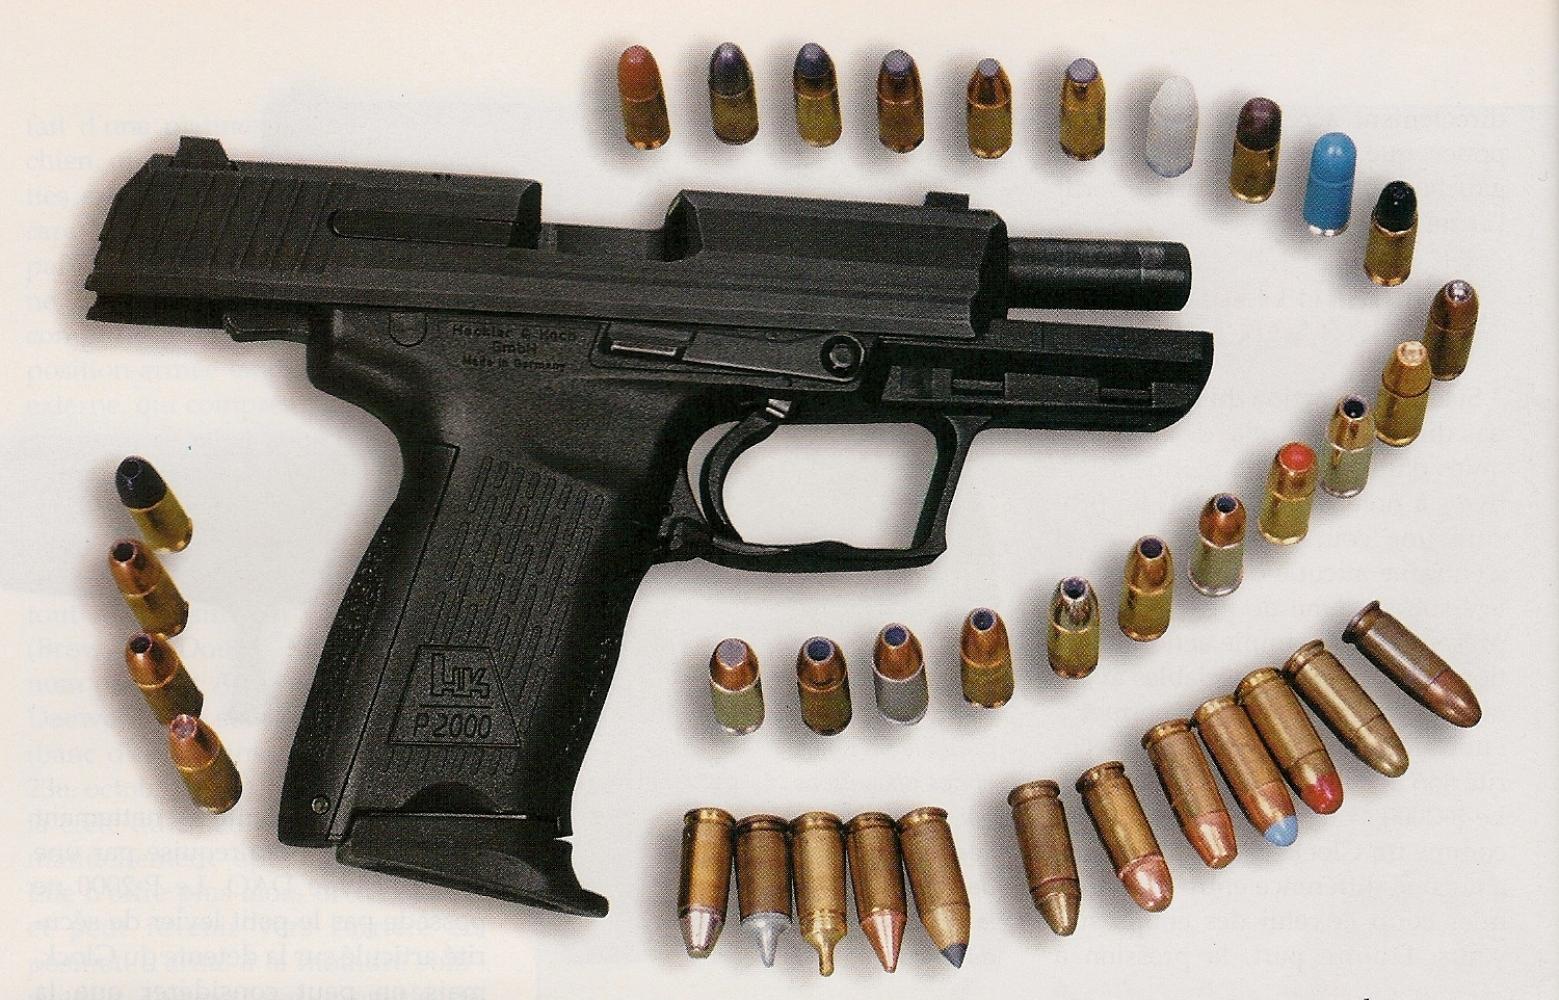 Le P-2000, culasse ouverte, côtoie ici une petite collection de cartouches civiles et militaires en calibre 9 mm Parabellum.